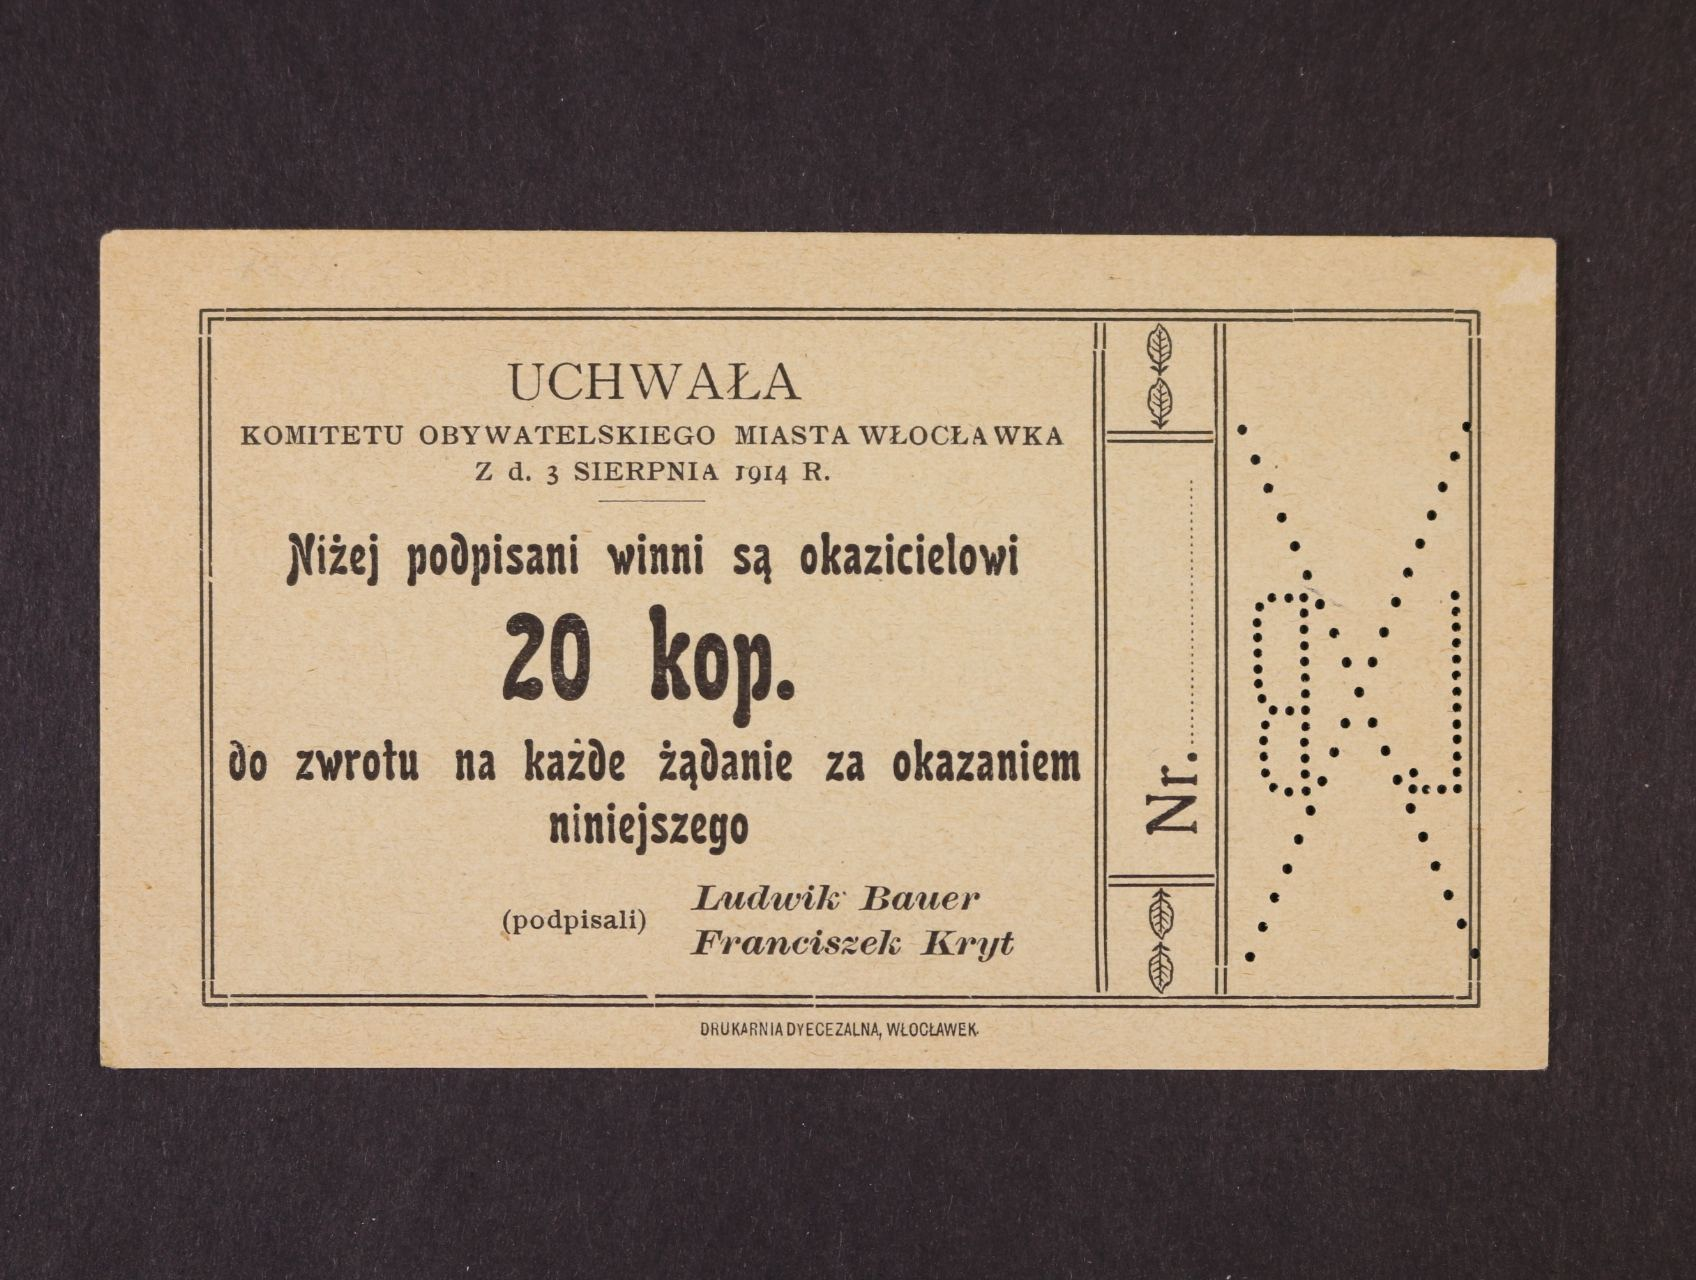 Wloclawek, 20 kop. 1914 Komitet, Rj. R-26832